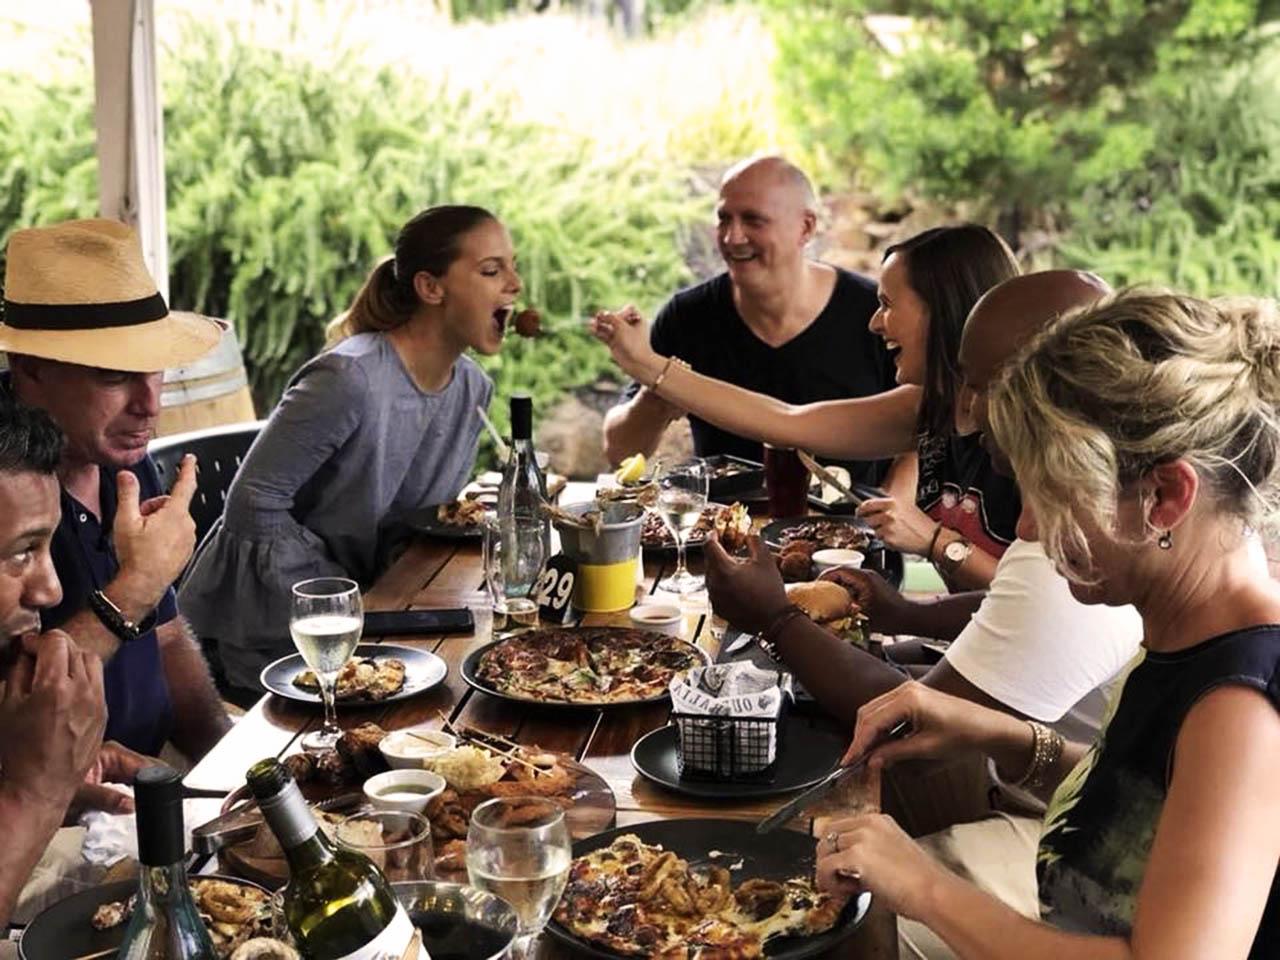 People Enjoying Eating